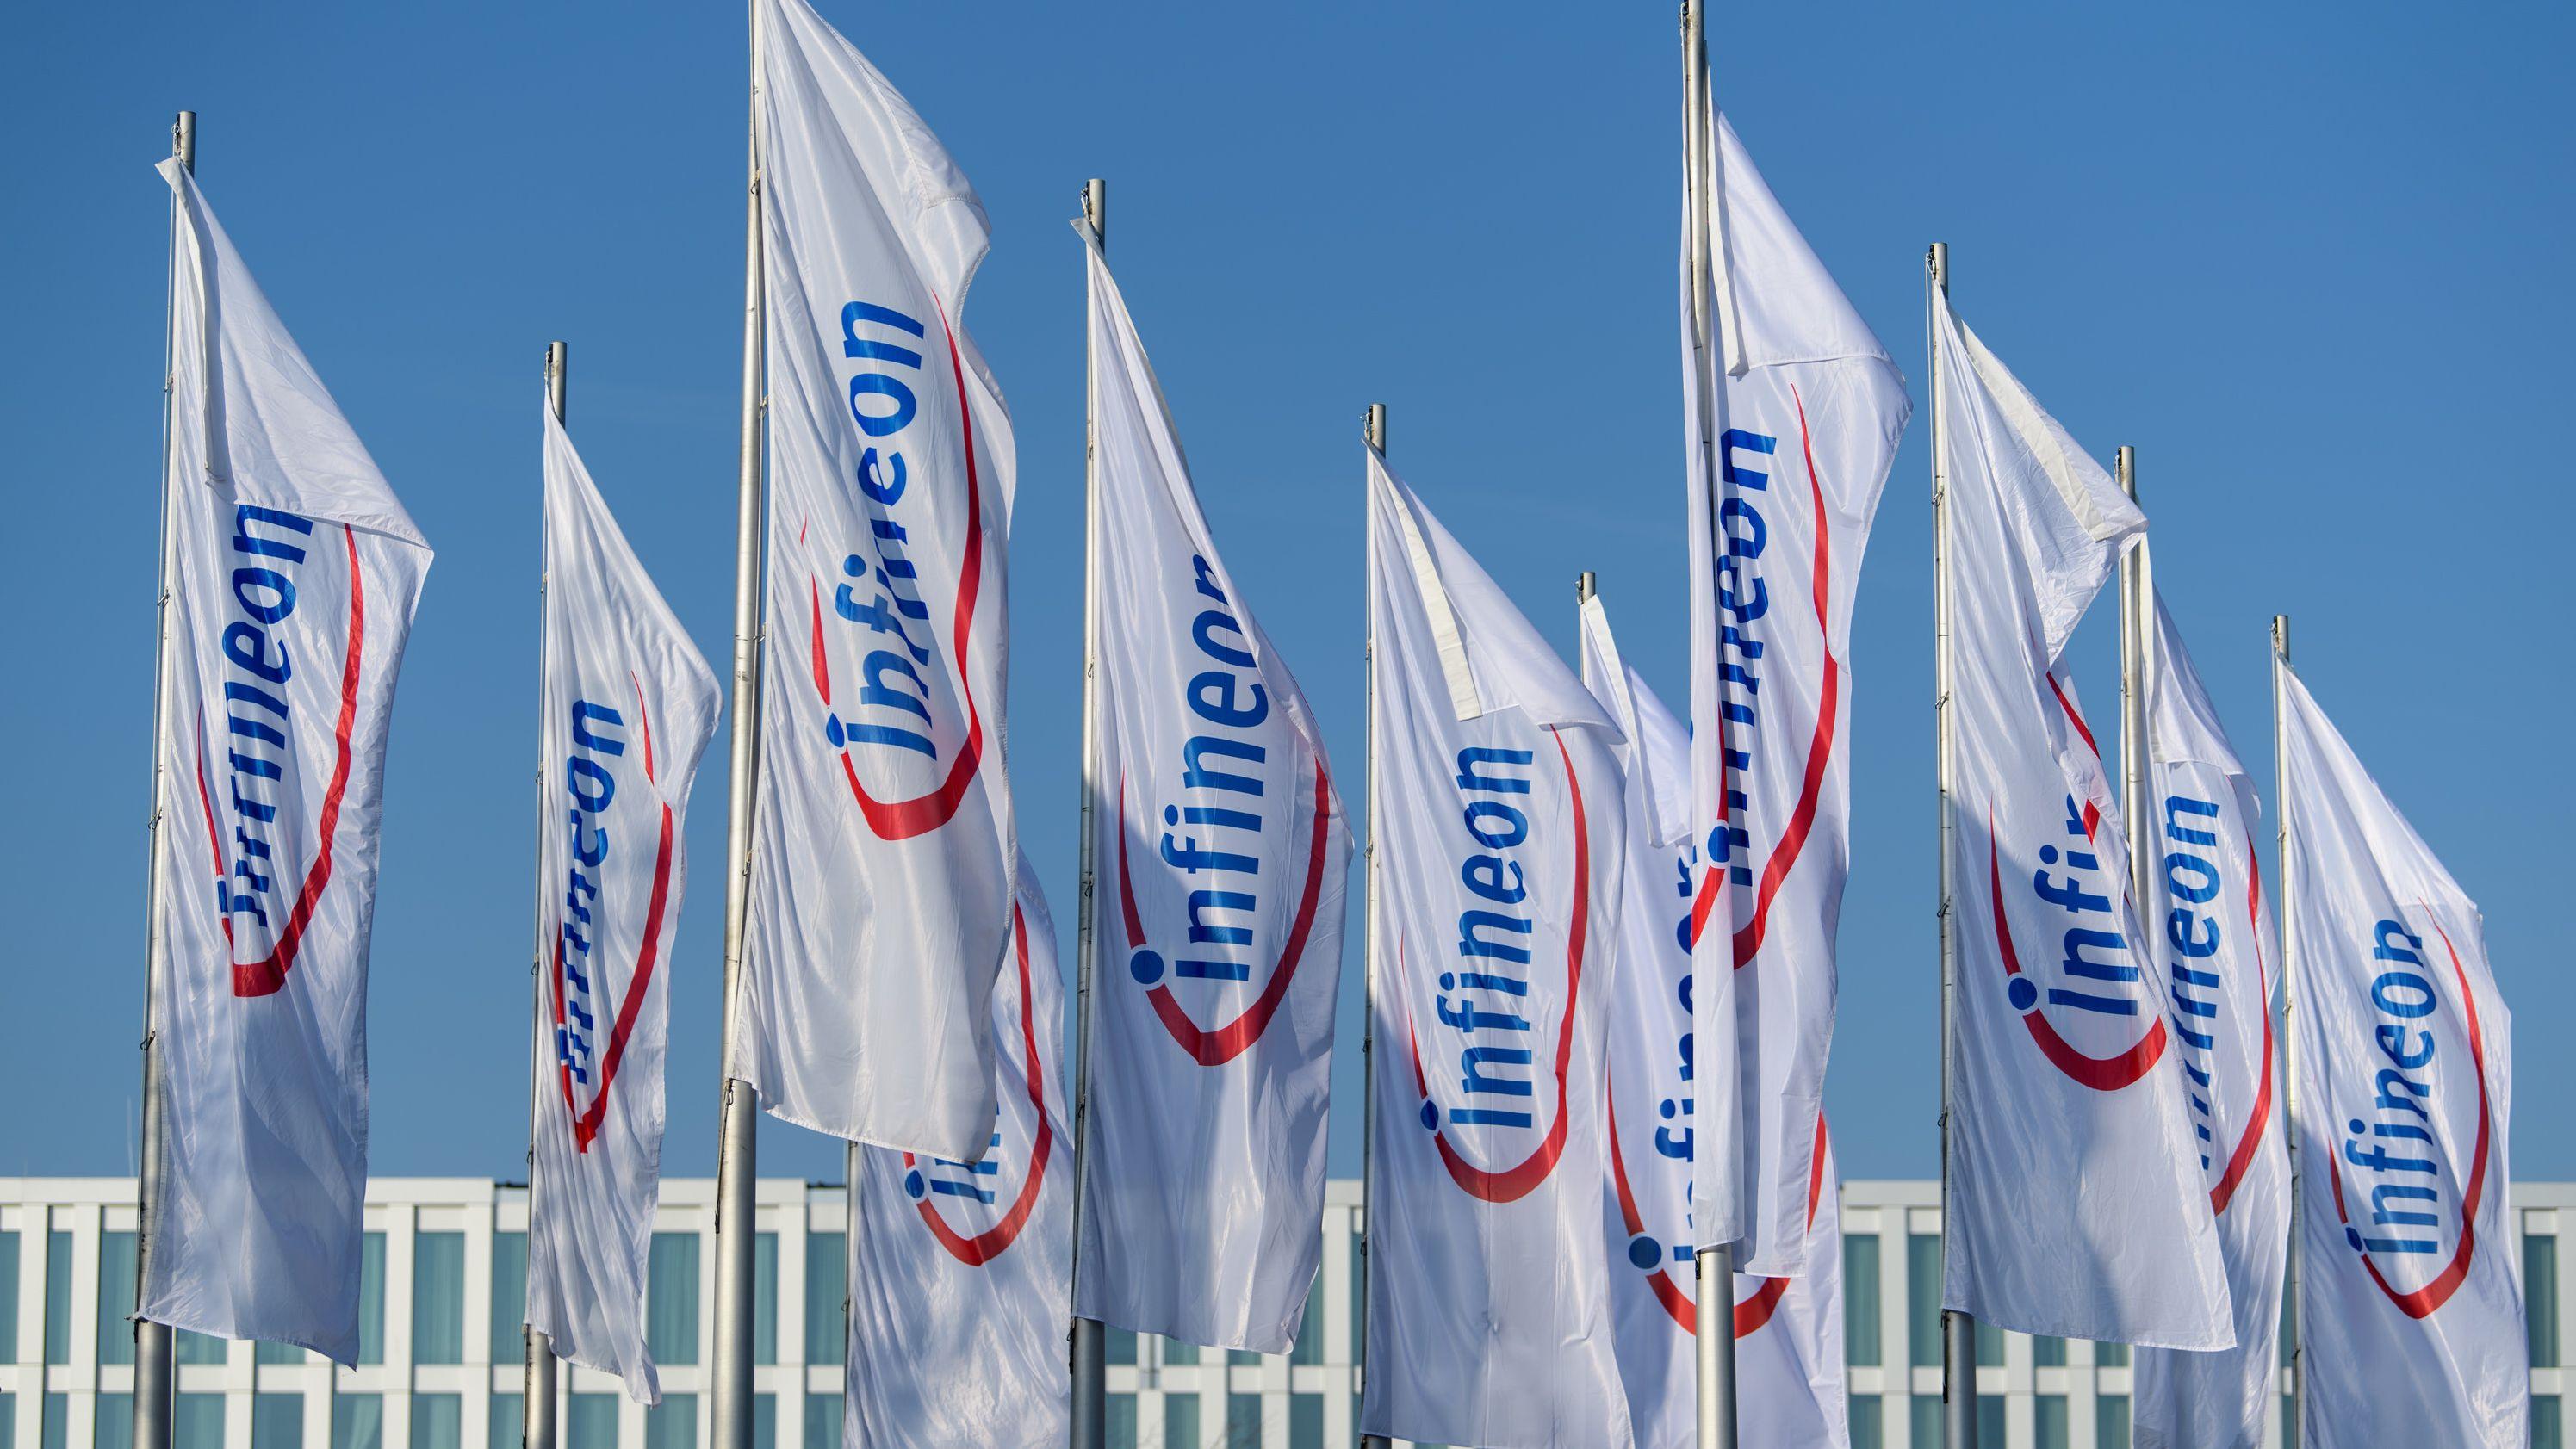 """Fahnen mit Aufschrift """"Infineon"""""""